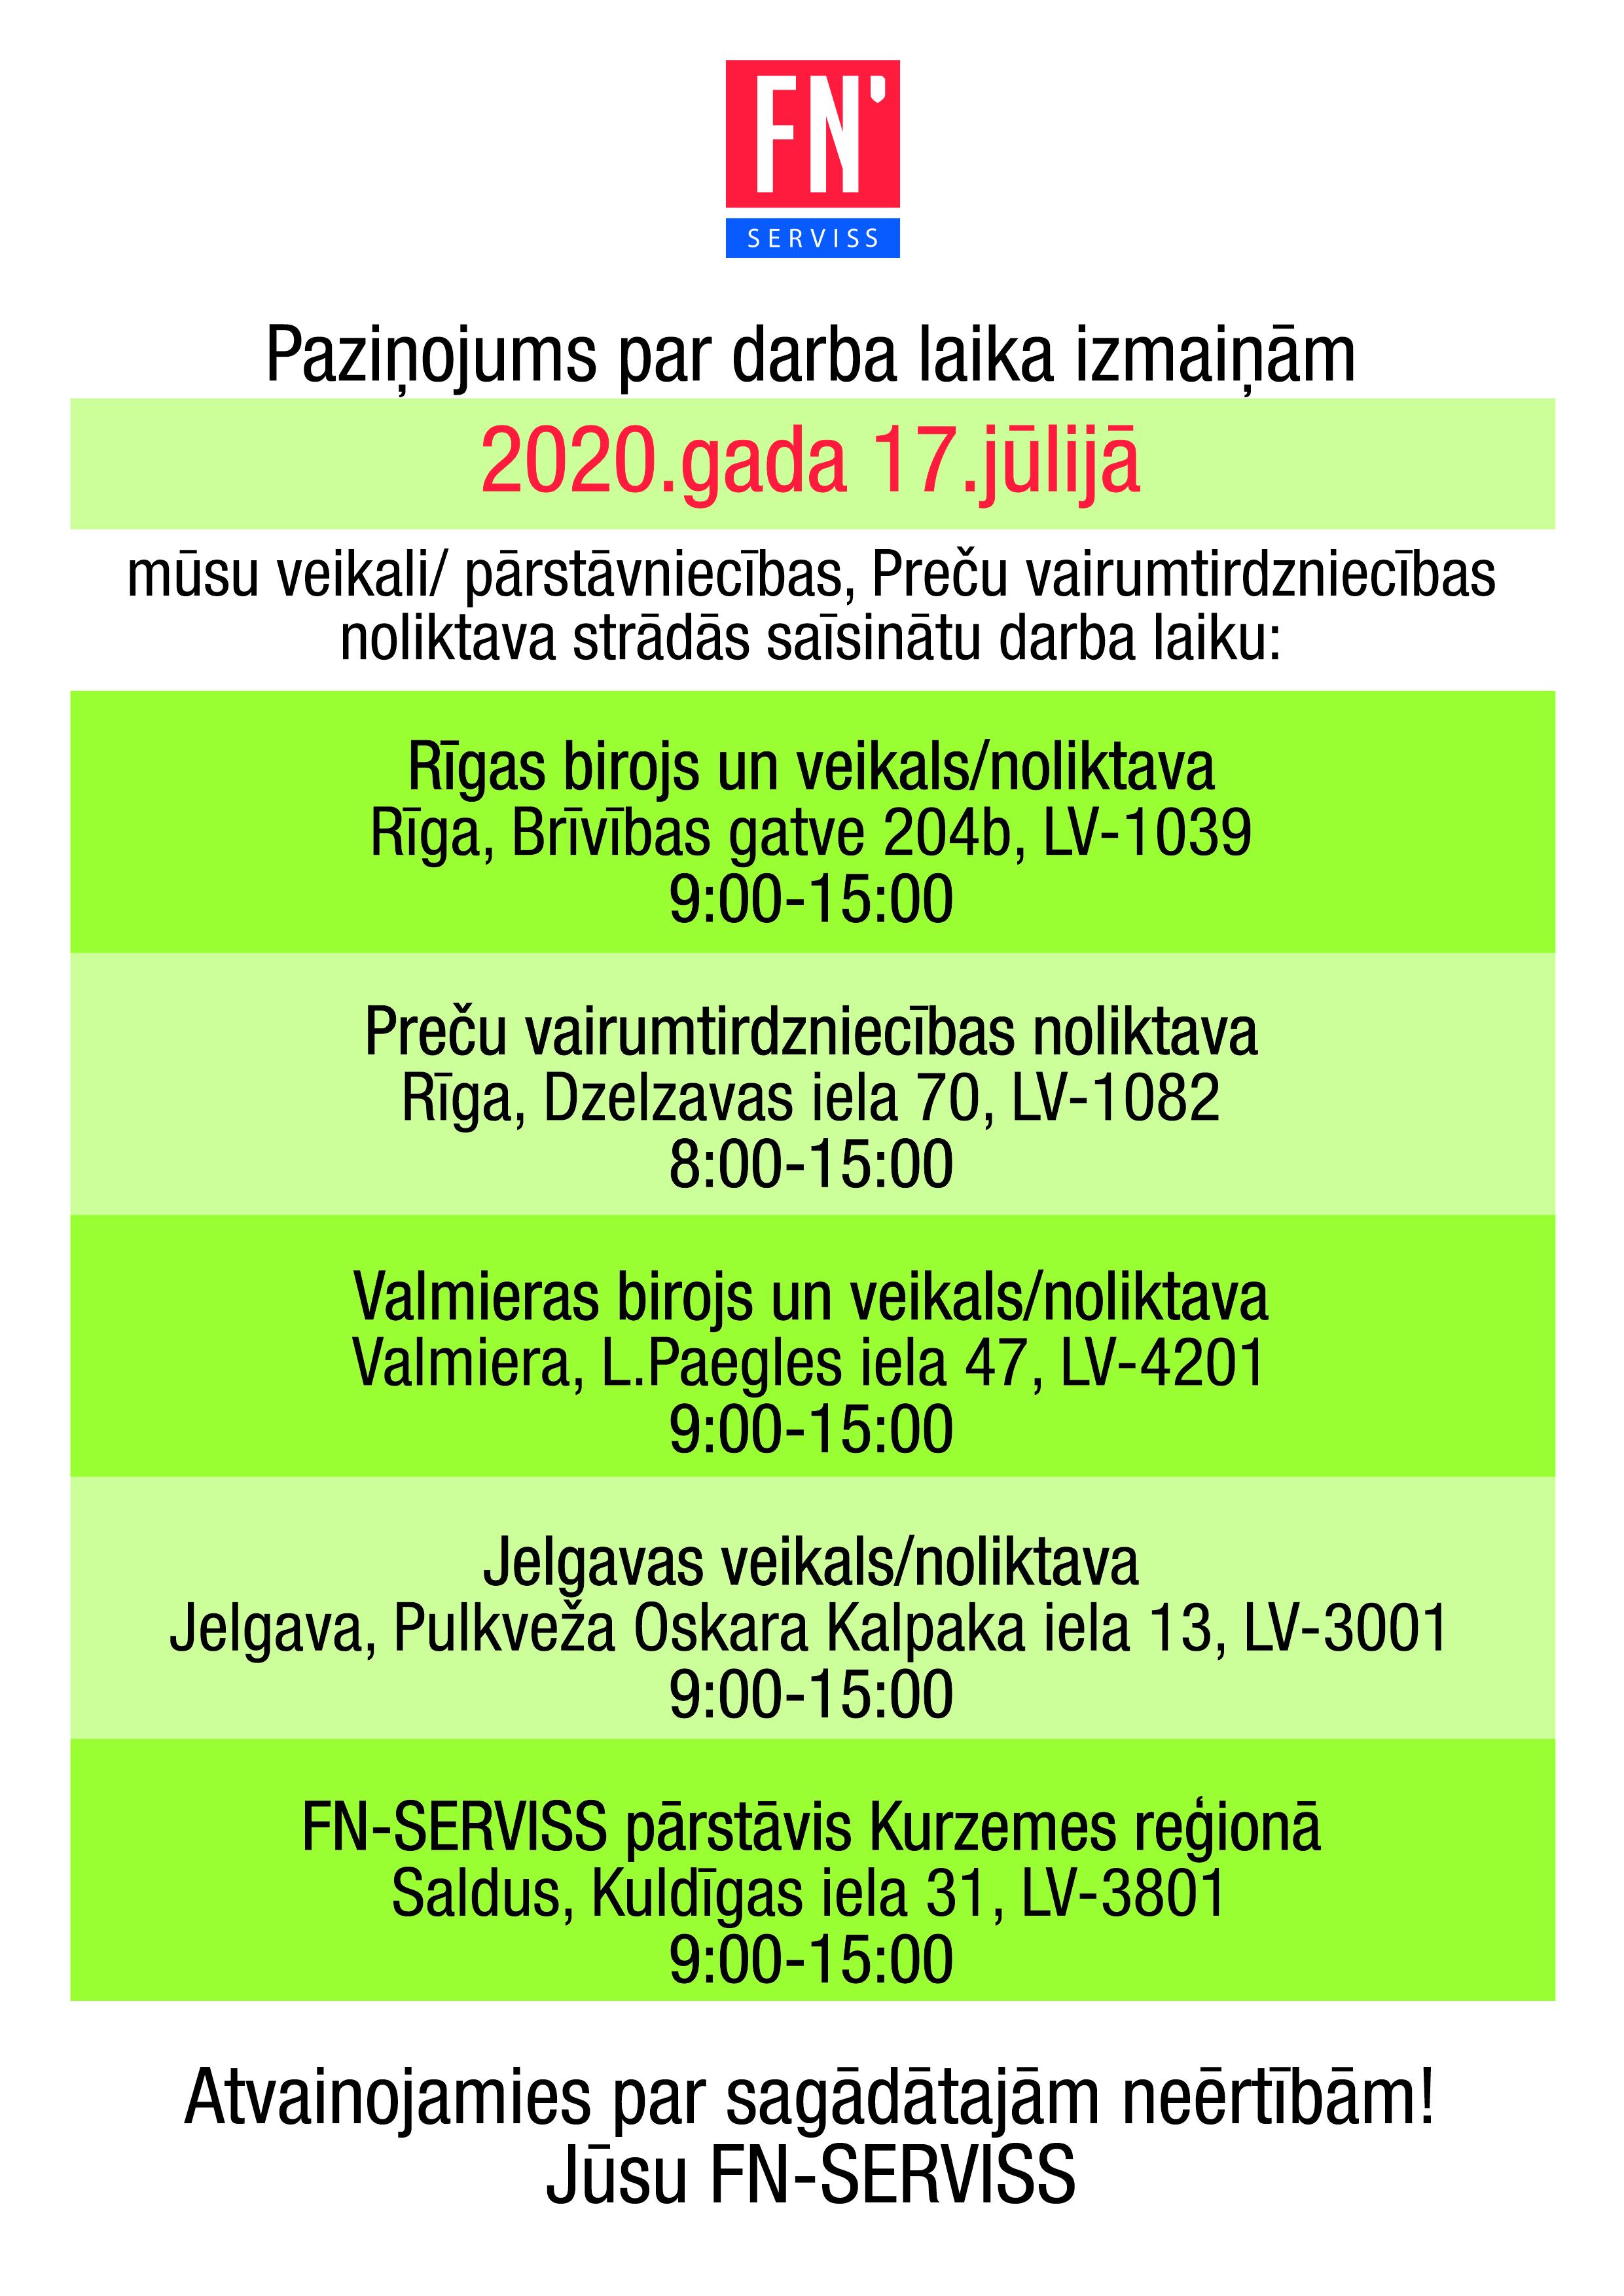 Paziņojums par FN-SERVISS pārstāvniecību darba laika izmaiņām 17.07.2020